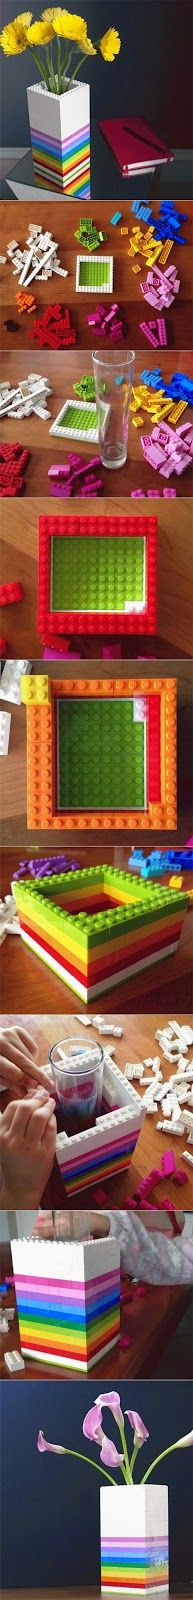 Lego Vase